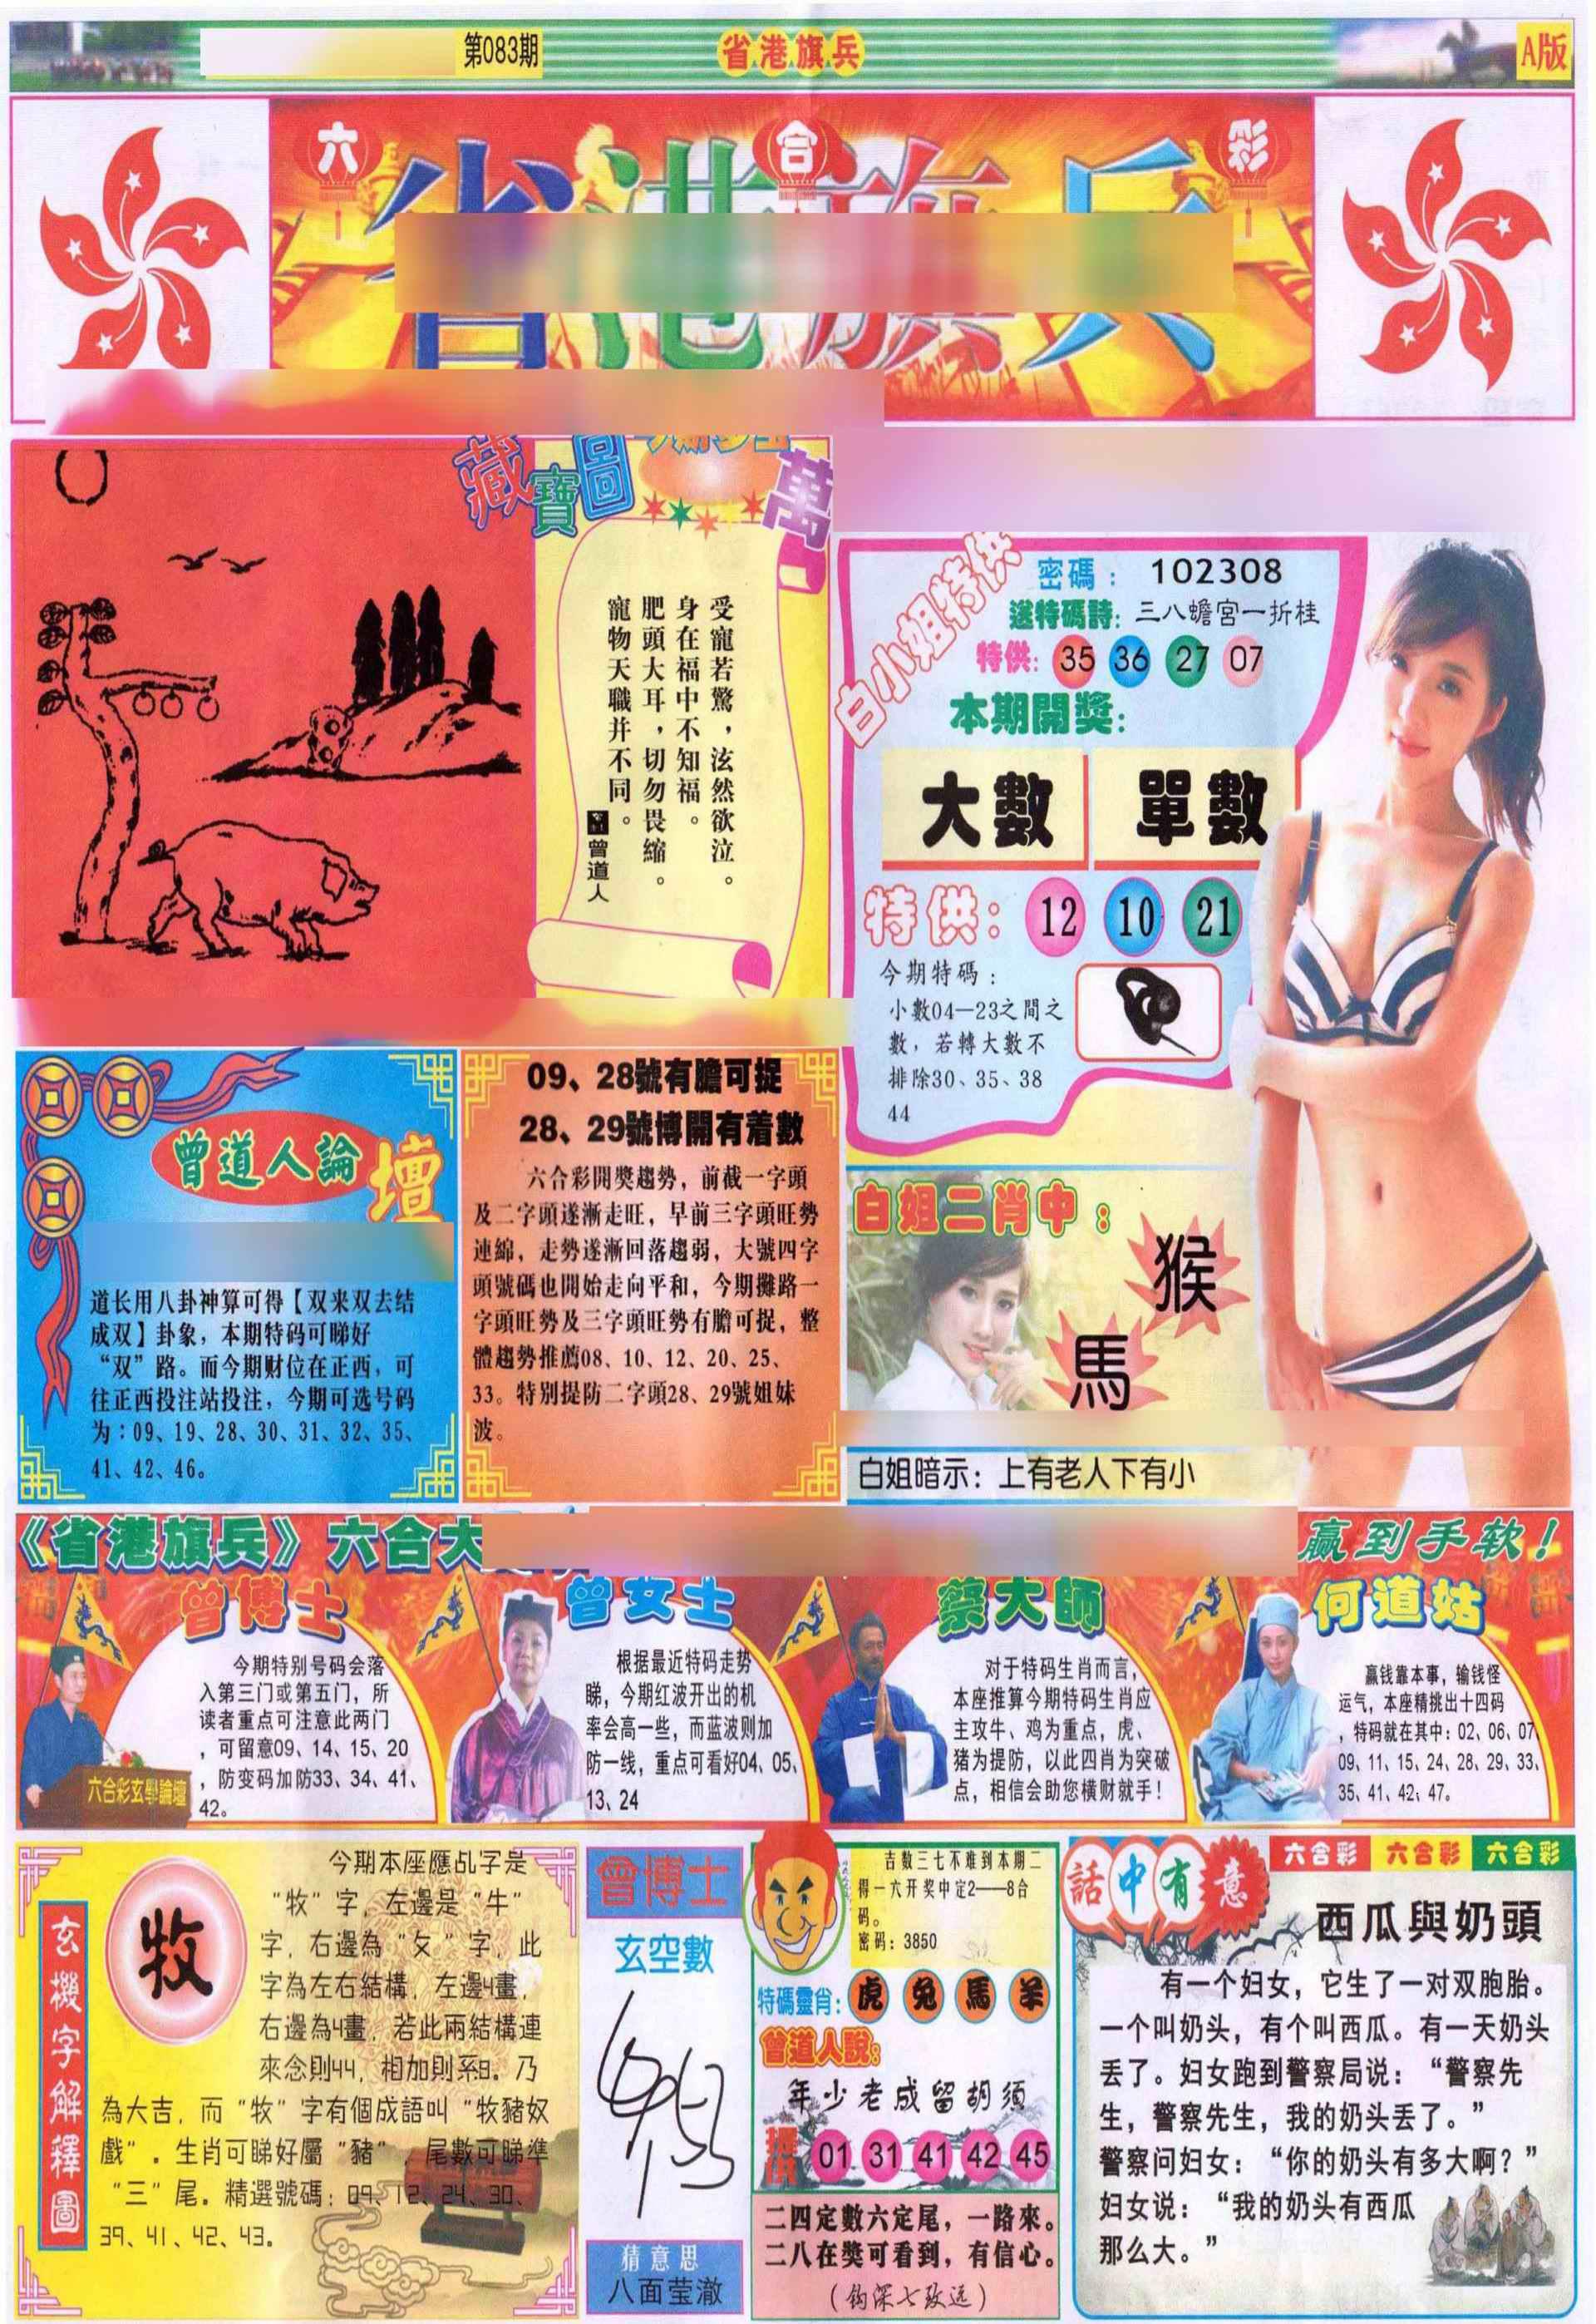 083期彩道A(保证香港版)